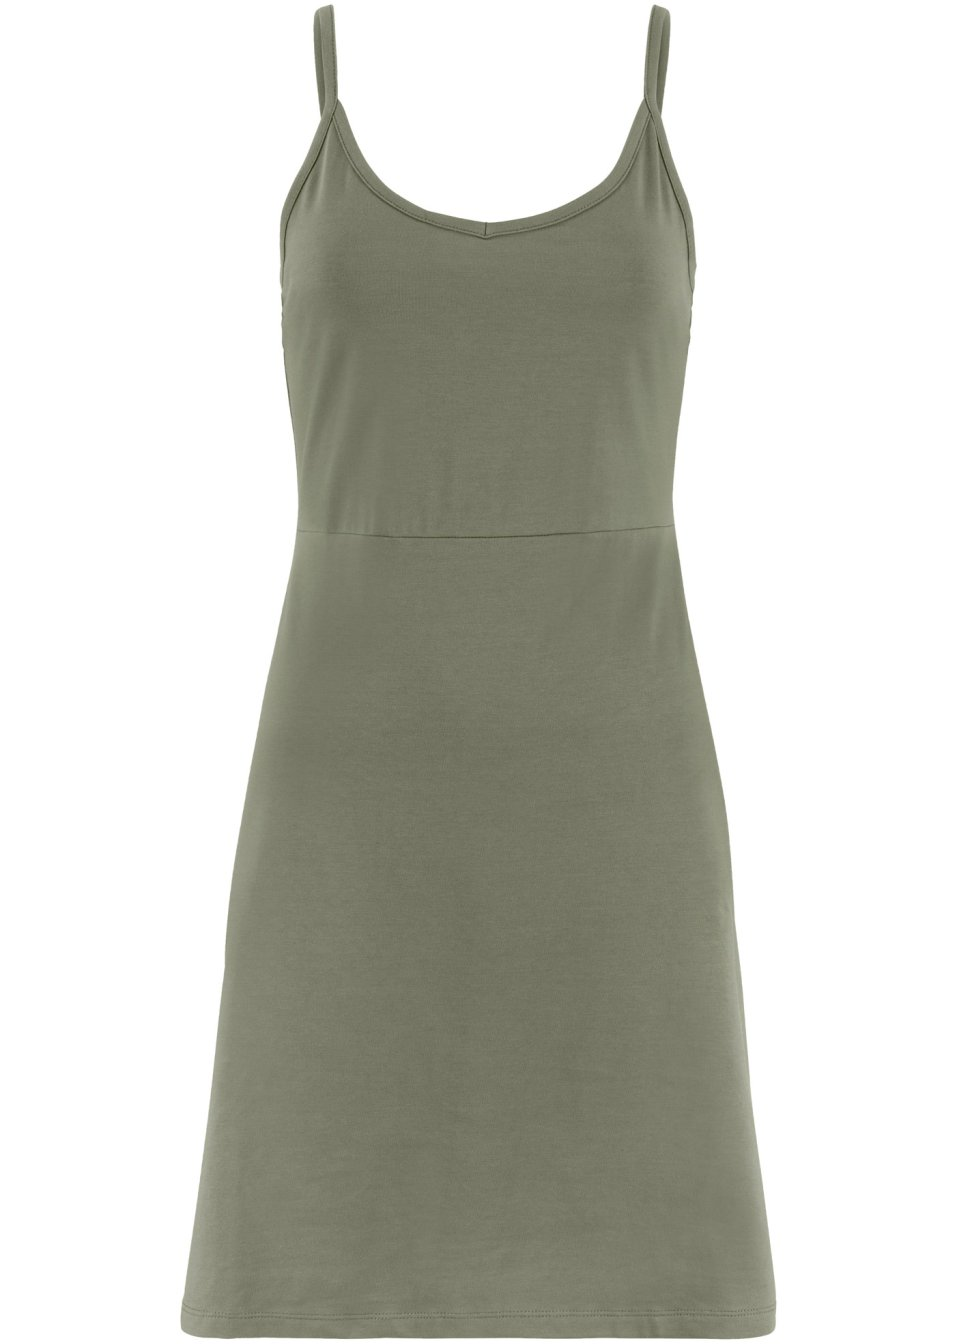 Sommer-Jerseykleid mit verstellbaren Trägern oliv - bpc bonprix collection - bonprix.de 02rhC BsiOA